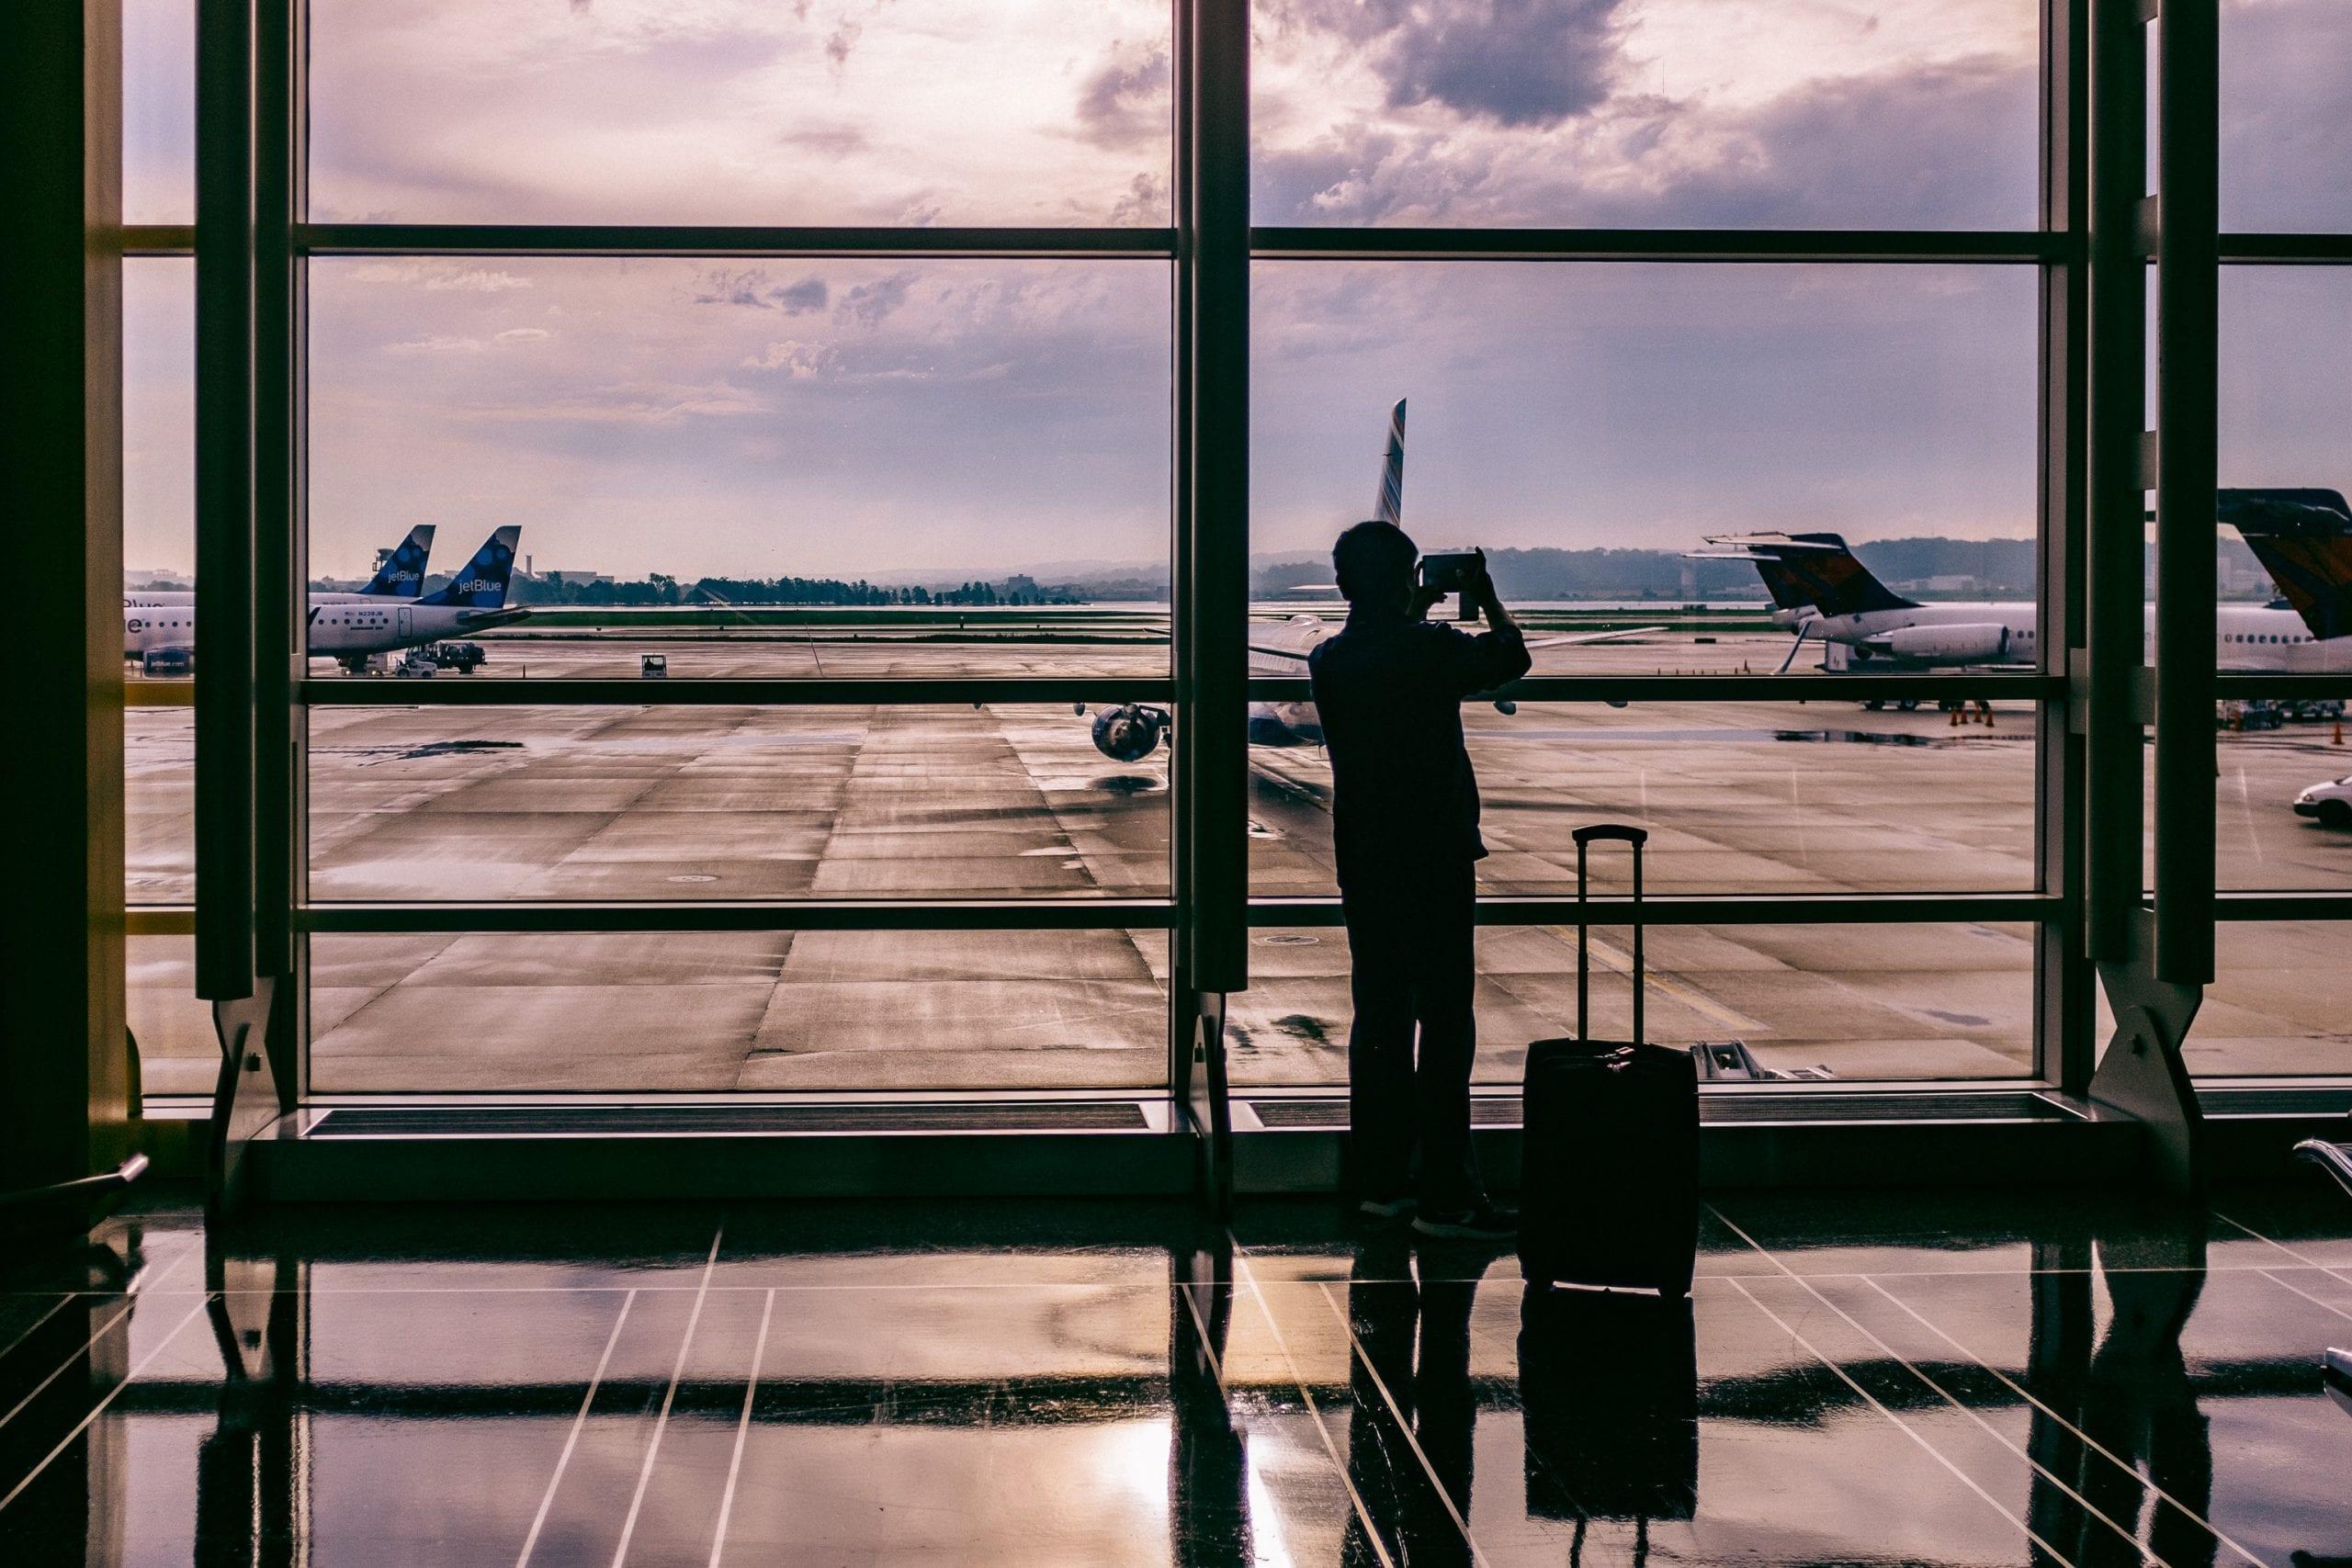 Flughafen Chile